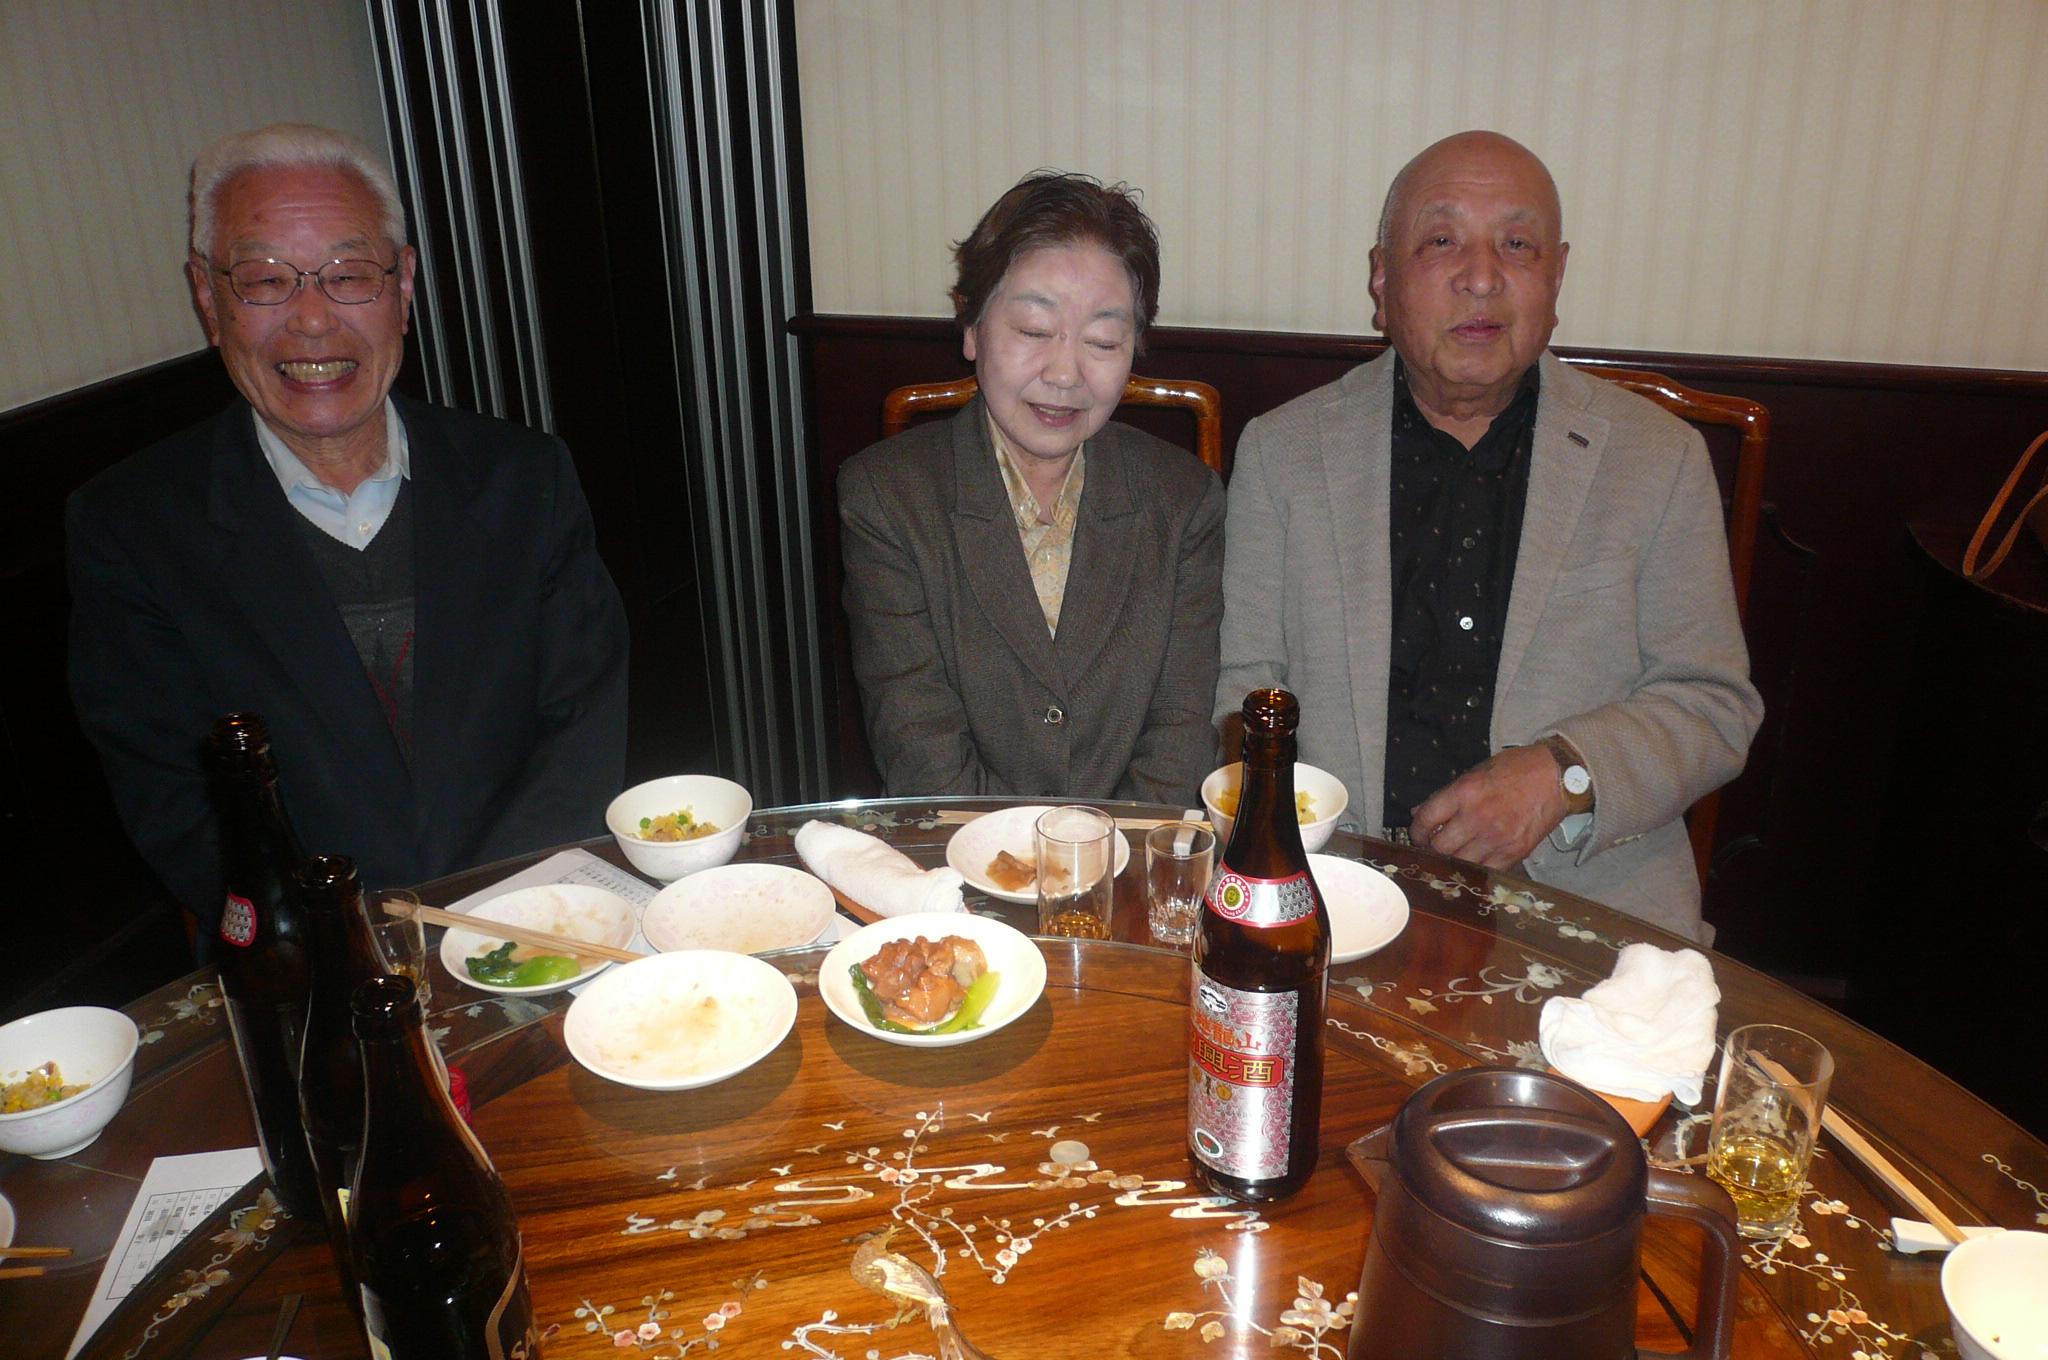 田村大先輩と宮尾夫人は思わぬおつながりがあっと話が弾む!